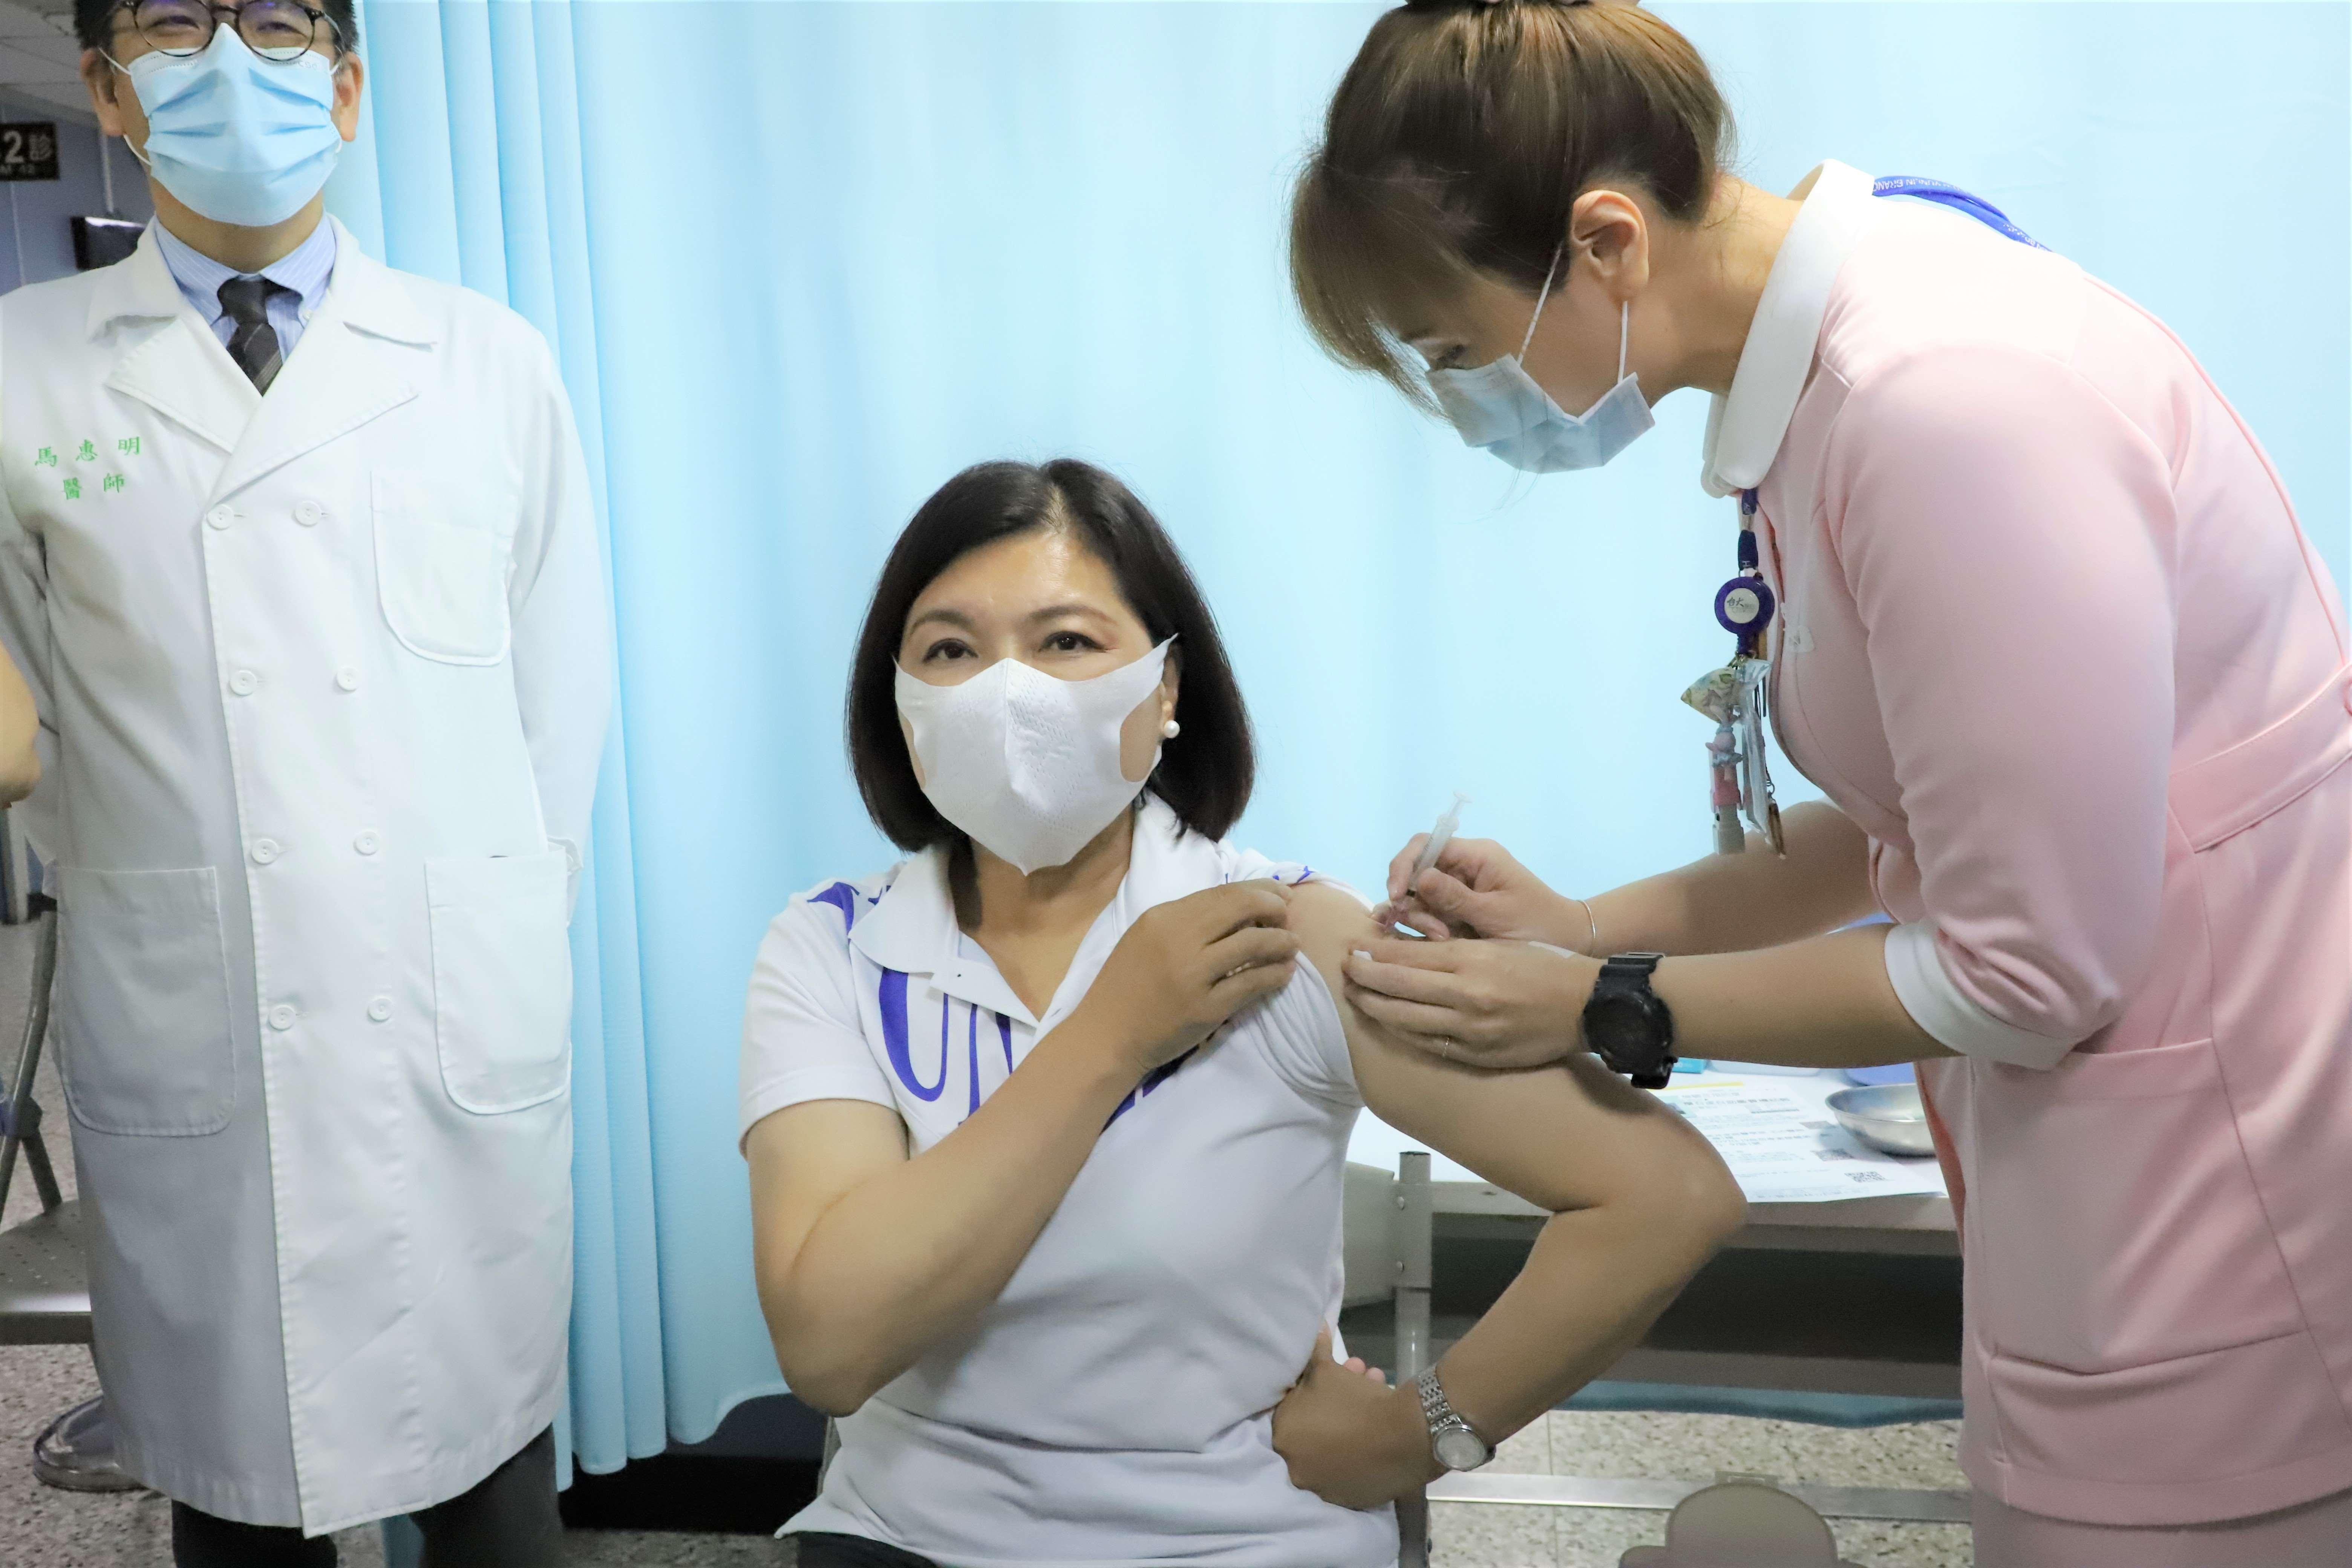 張縣長今至台大醫院雲林分院施打covid-19疫苗。